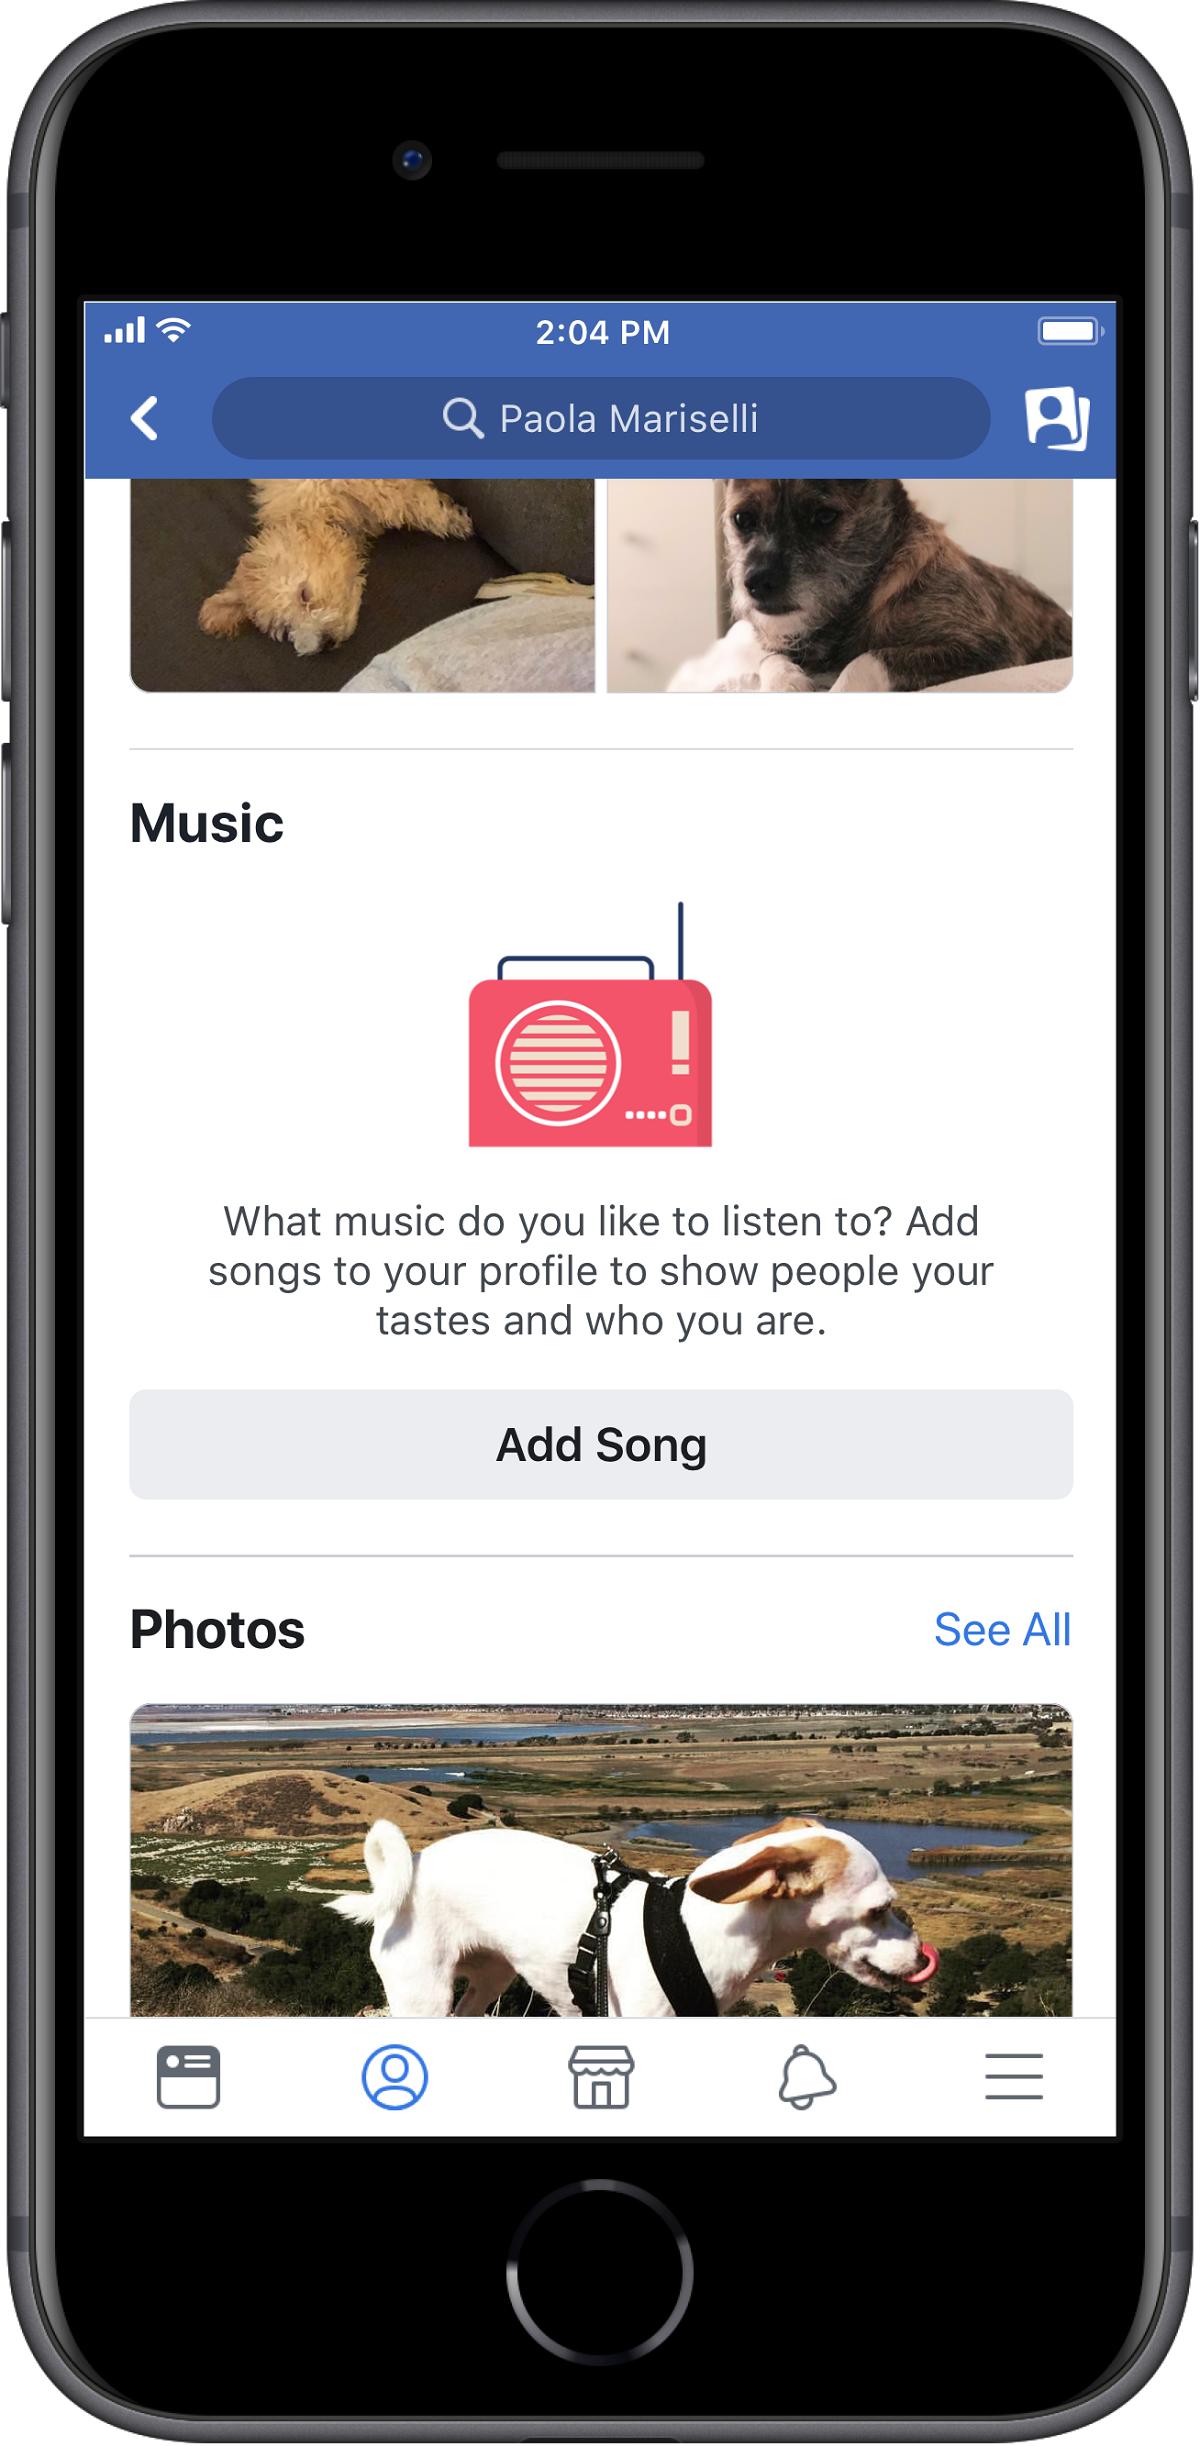 Uživatelé si mohou přidávat hudbu přímo na svůj profil do nové sekce